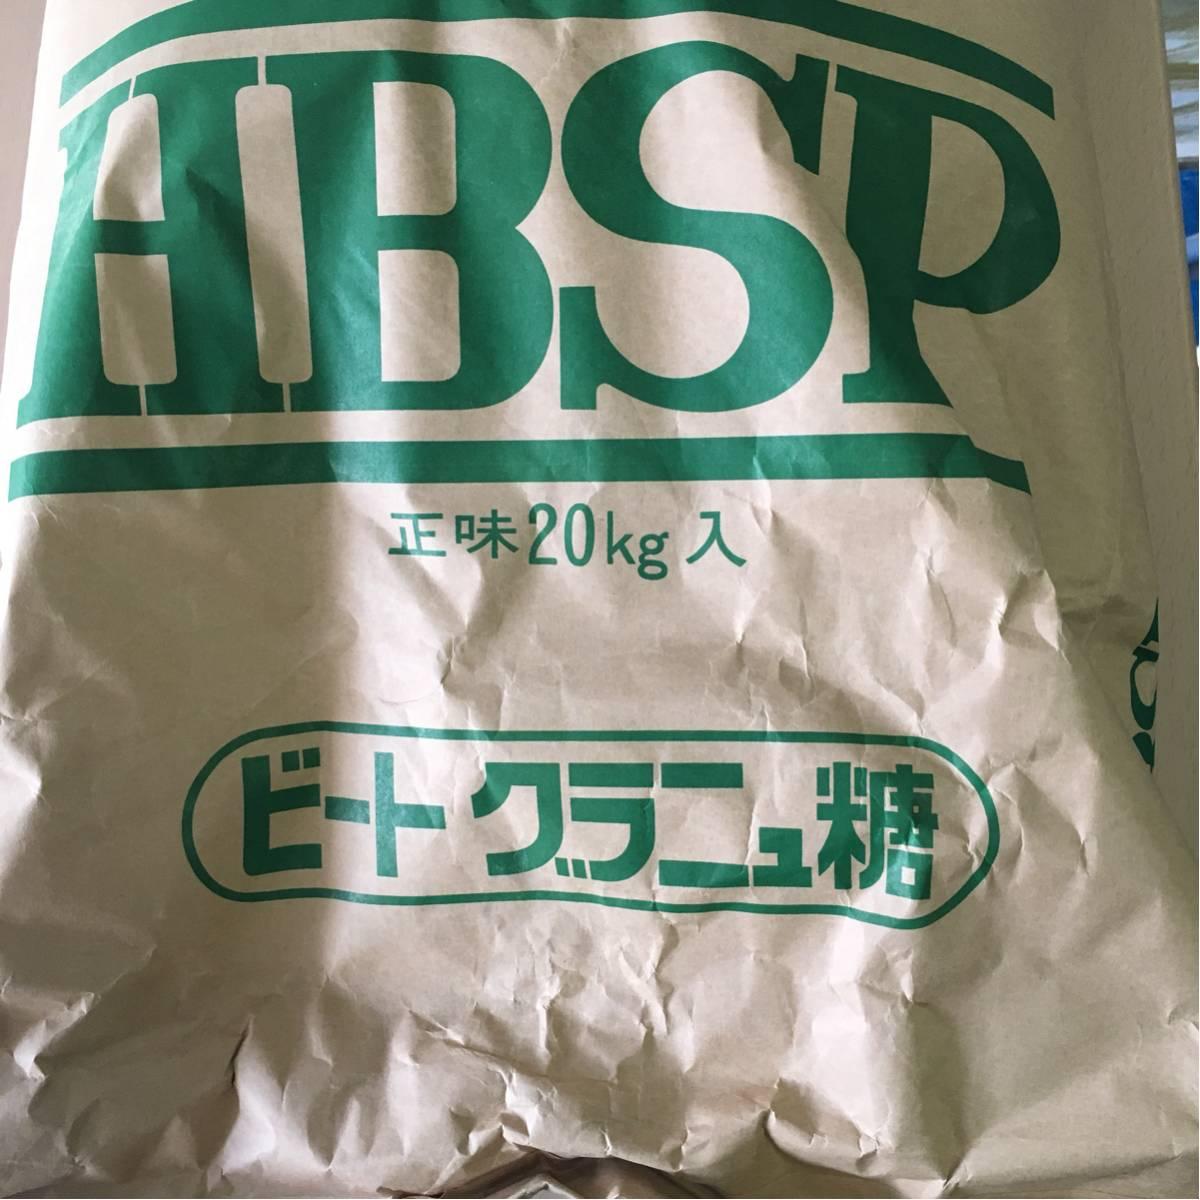 ホクレン ビートグラニュー糖 正味20kg(訳あり)(着払い発送)_画像2